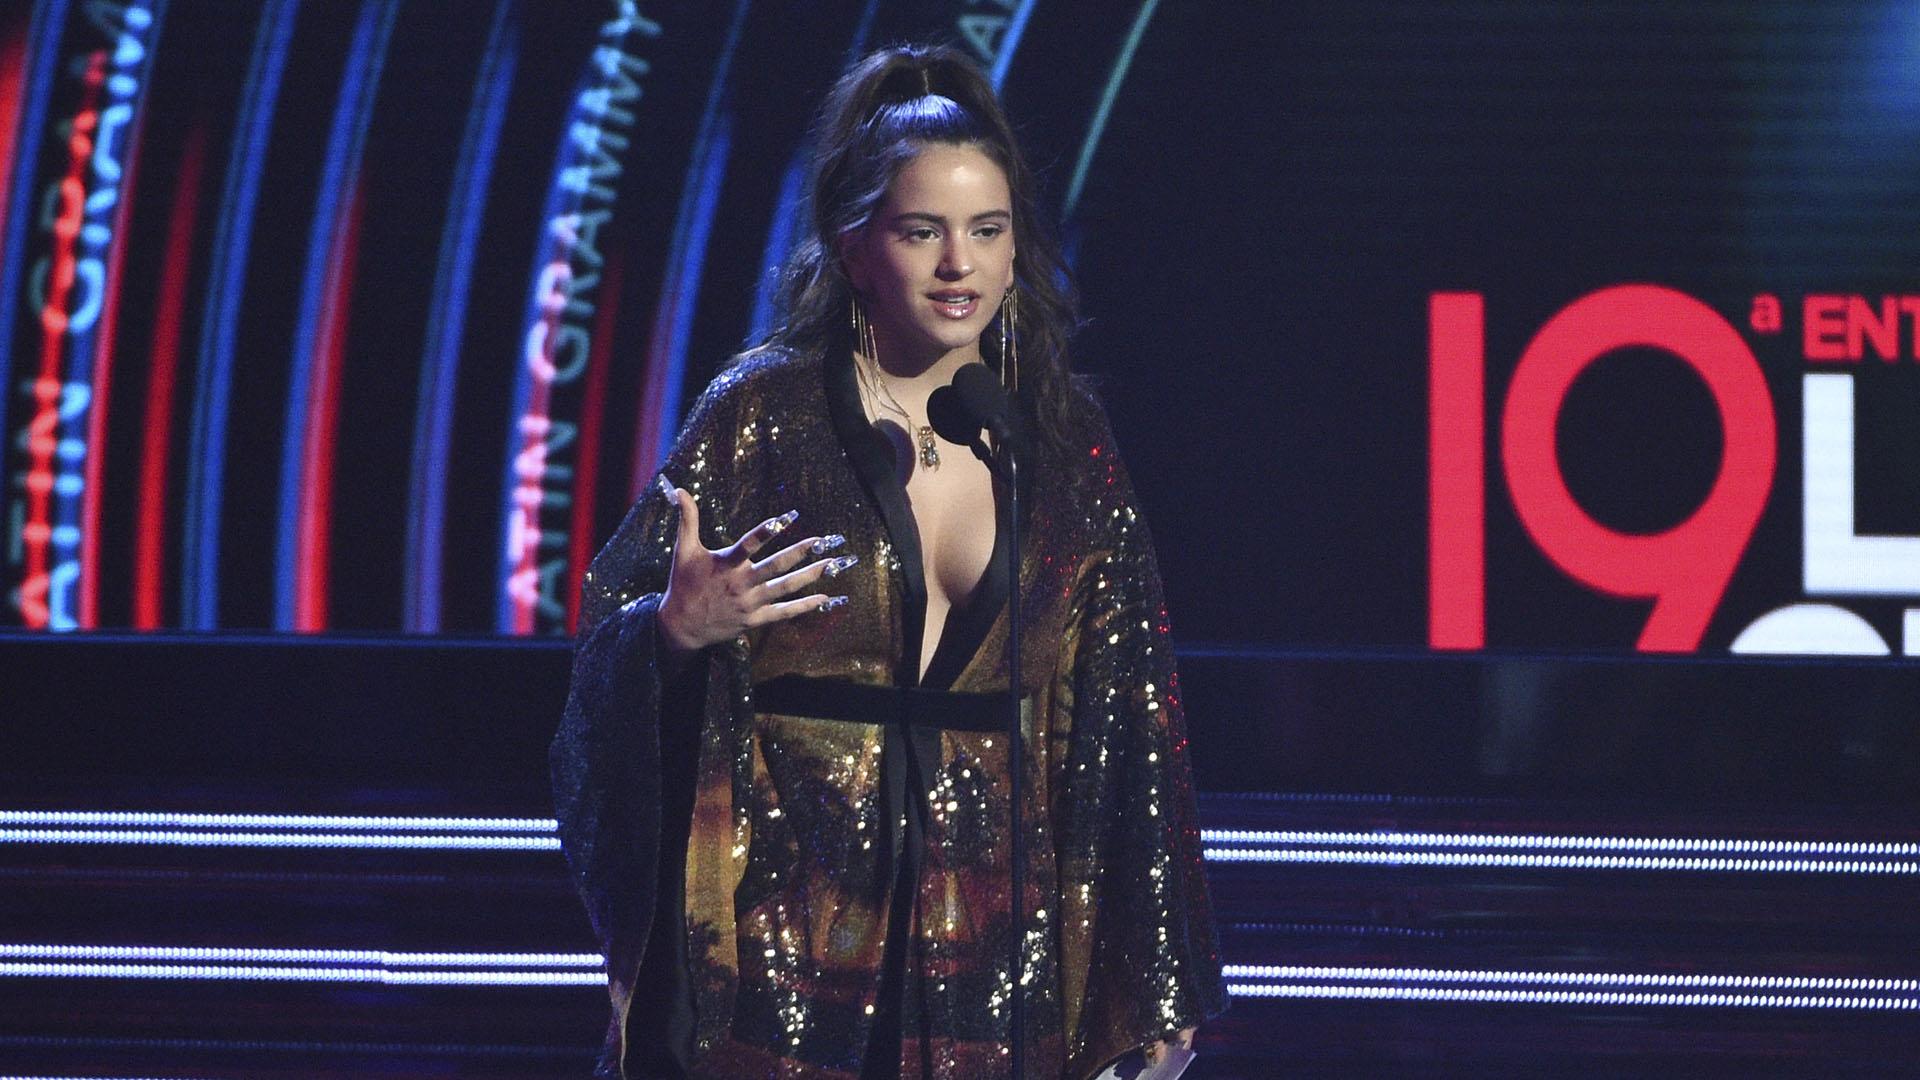 El Grammy a mejor fusión/interpretación urbana lo ganó Rosalía con su canción 'Malamente'.